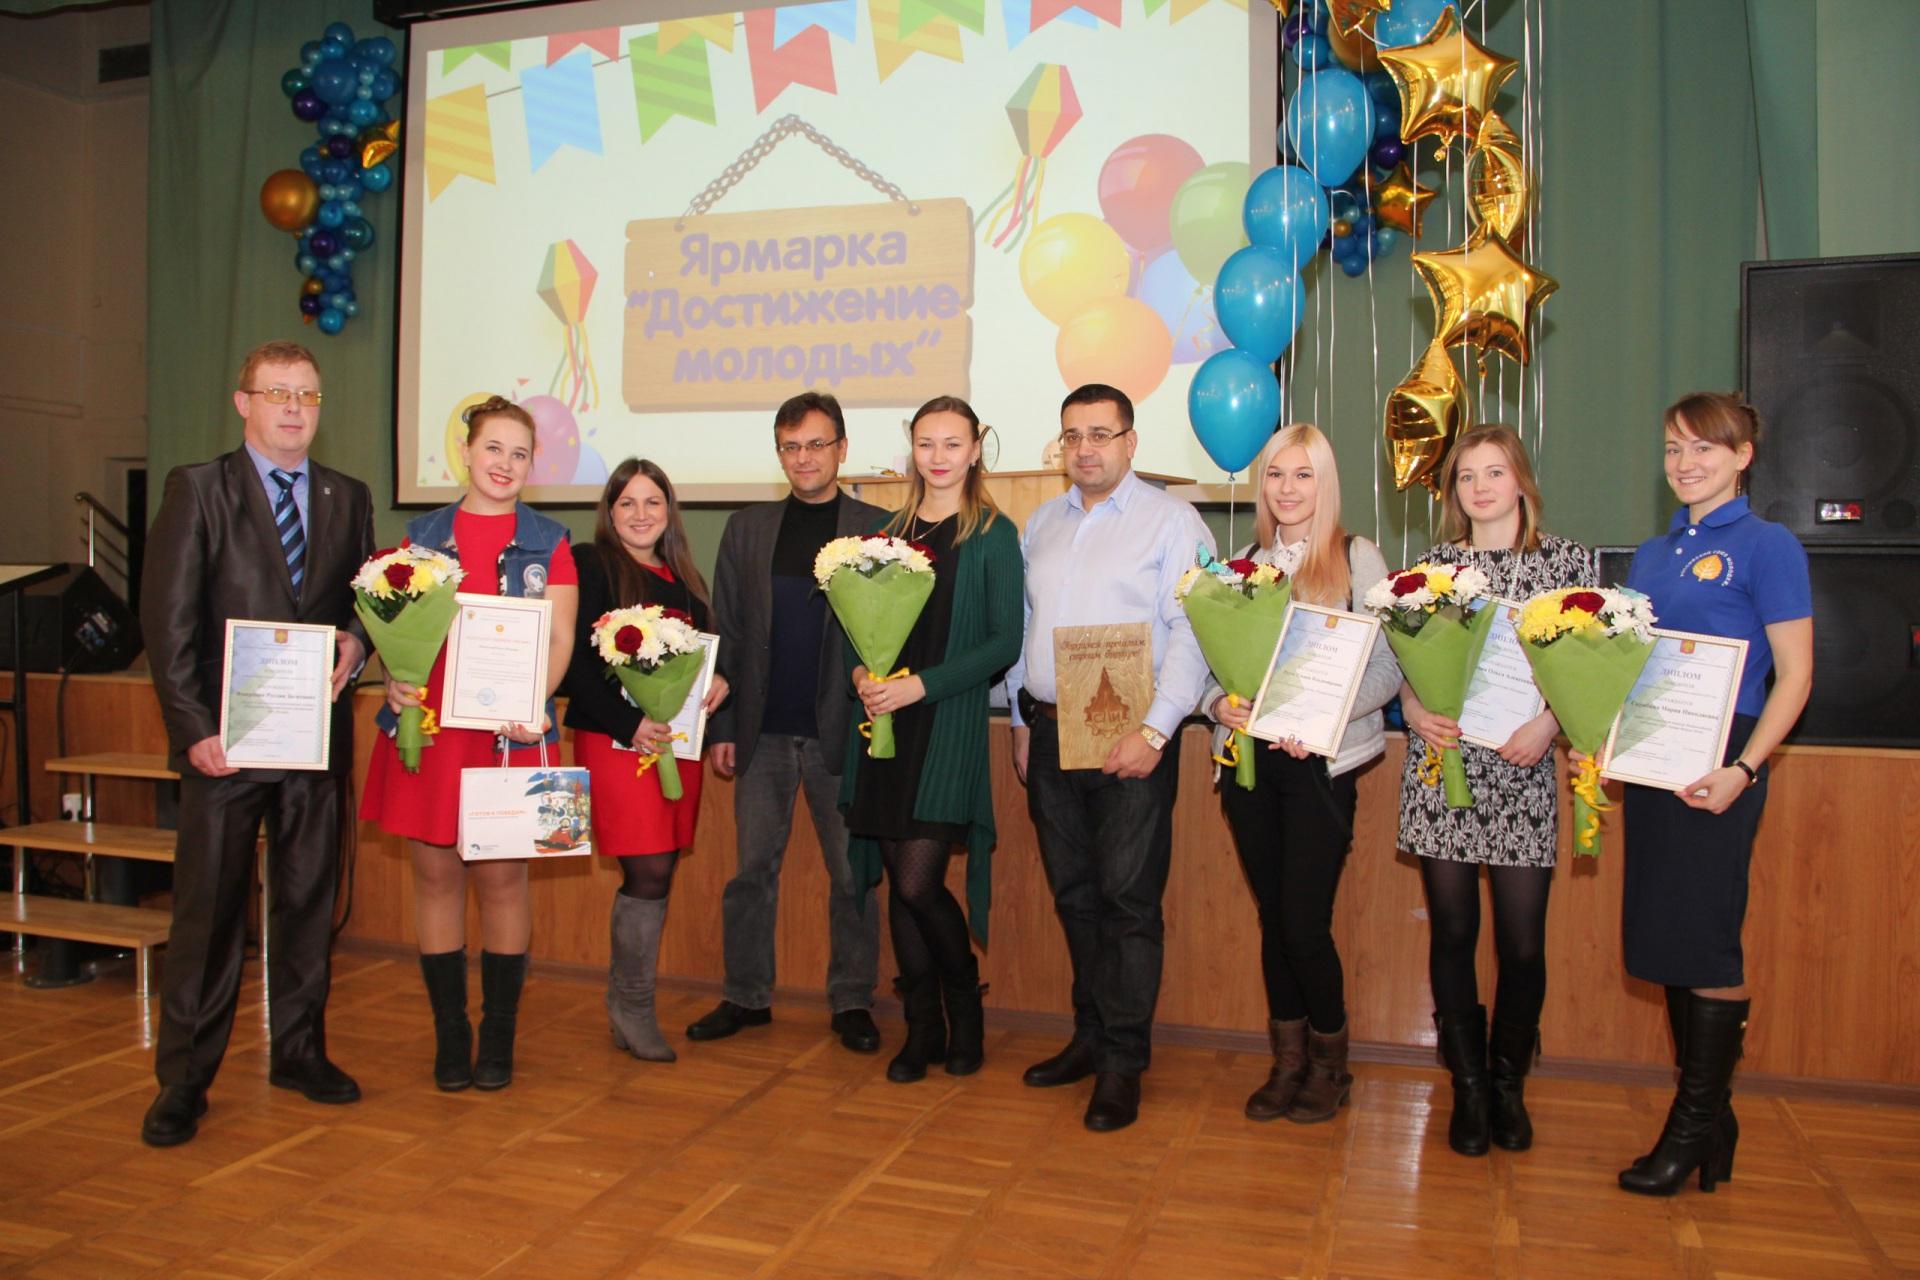 В Коми наградили победителей Республиканского конкурса молодежных проектов 2017 года